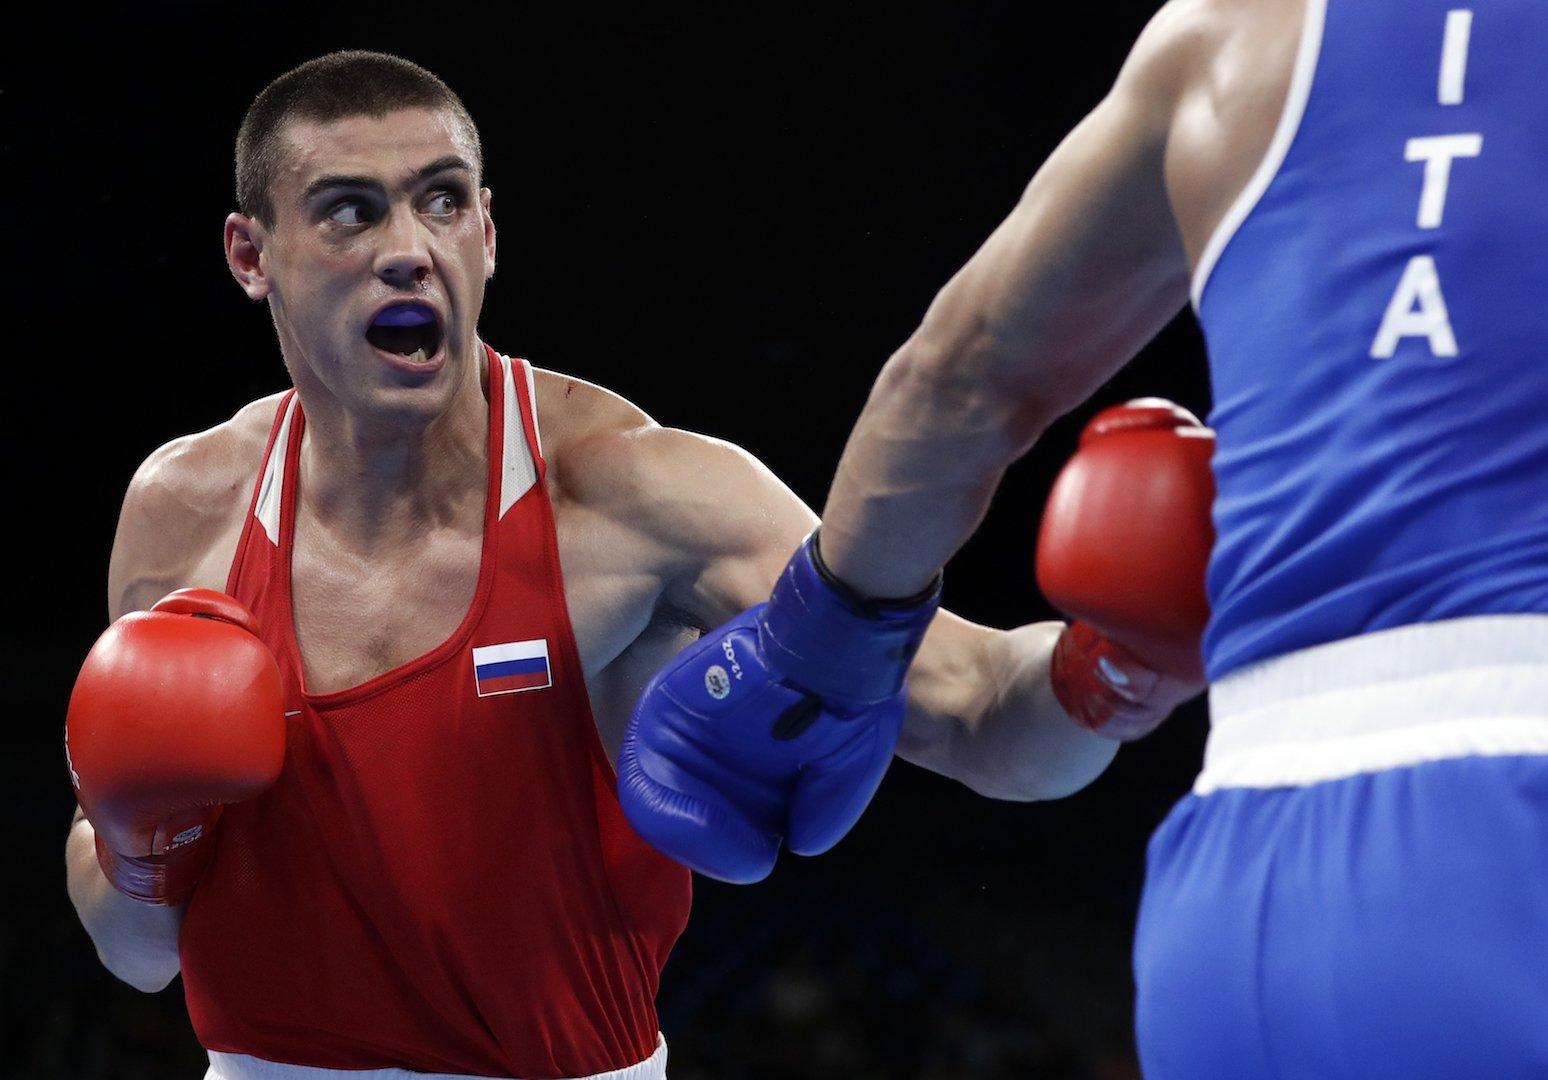 Олимпийские выходные с «Известиями»